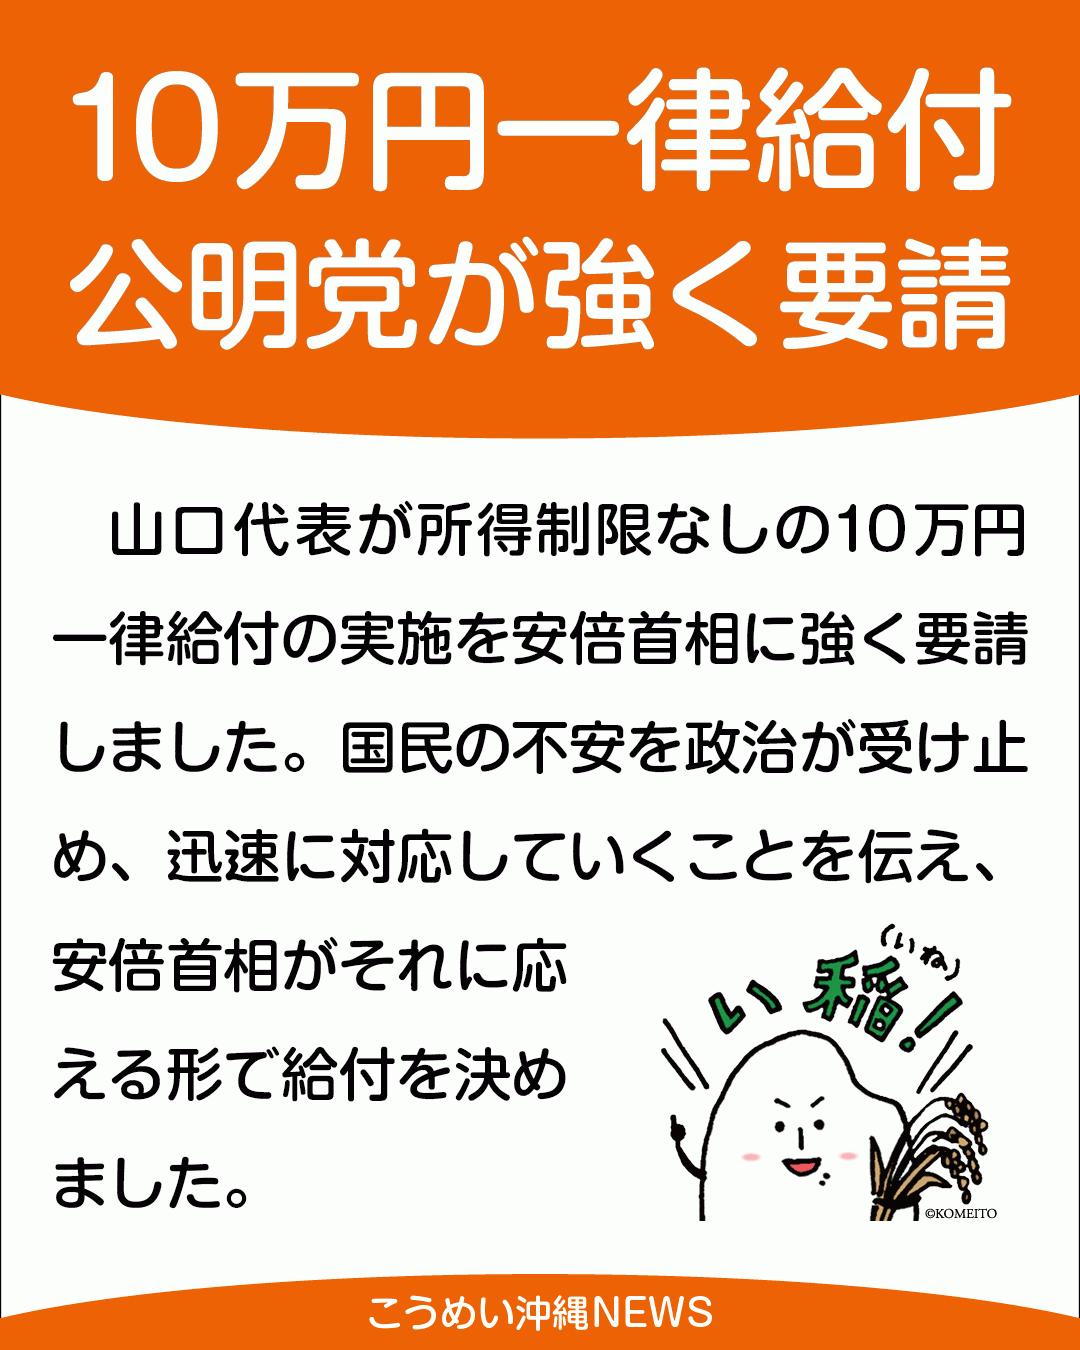 10 円 一律 万